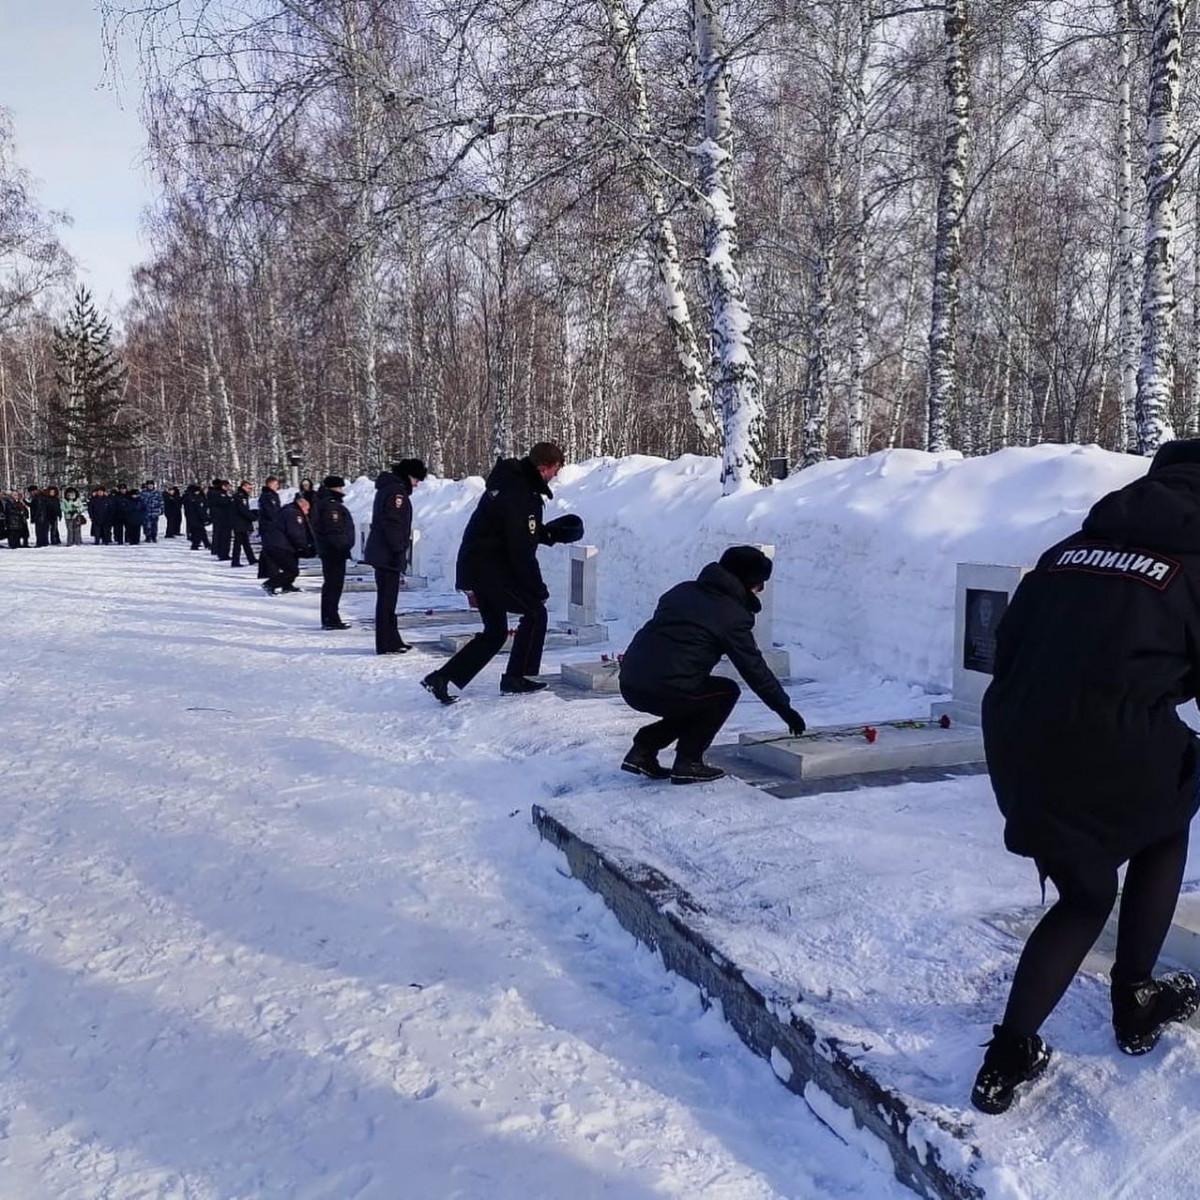 25 февраля в Прокопьевске - день памяти и скорби по погибшим бойцам ОМОН